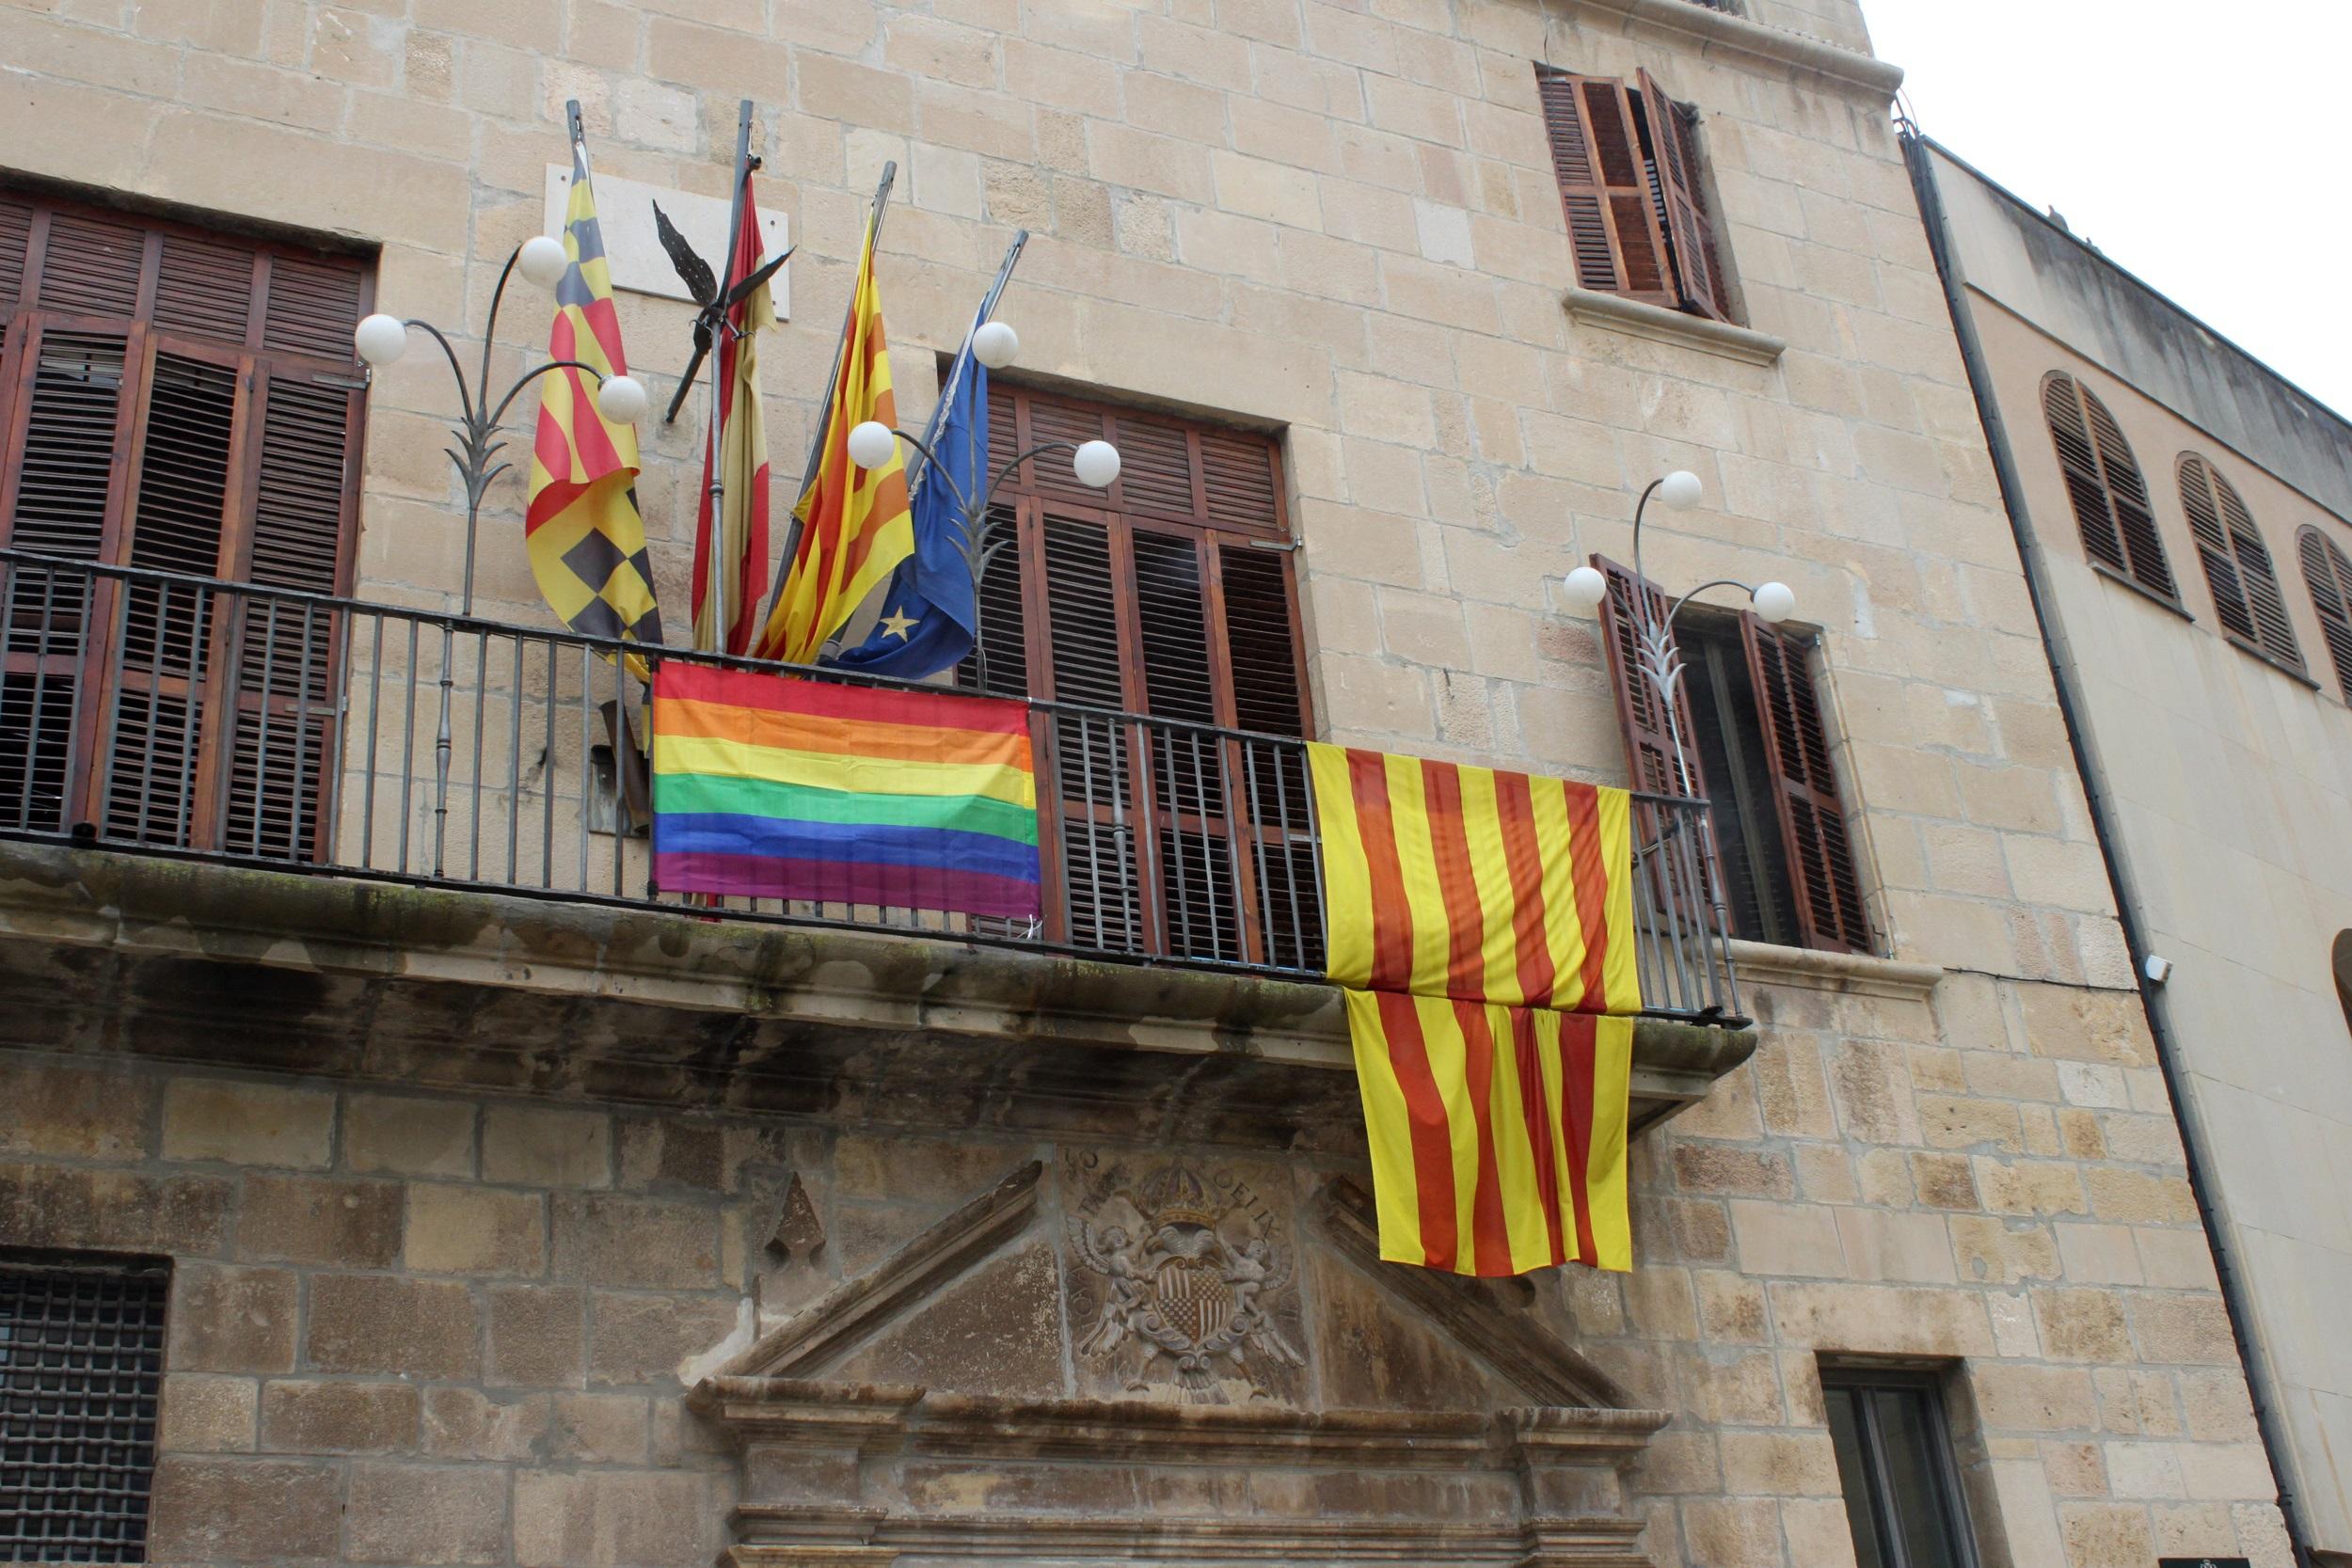 L'Ajuntament de Tàrrega posa la bandera arc iris al balcó com a expressió de suport a la igualtat de tracte de les persones LGTBI